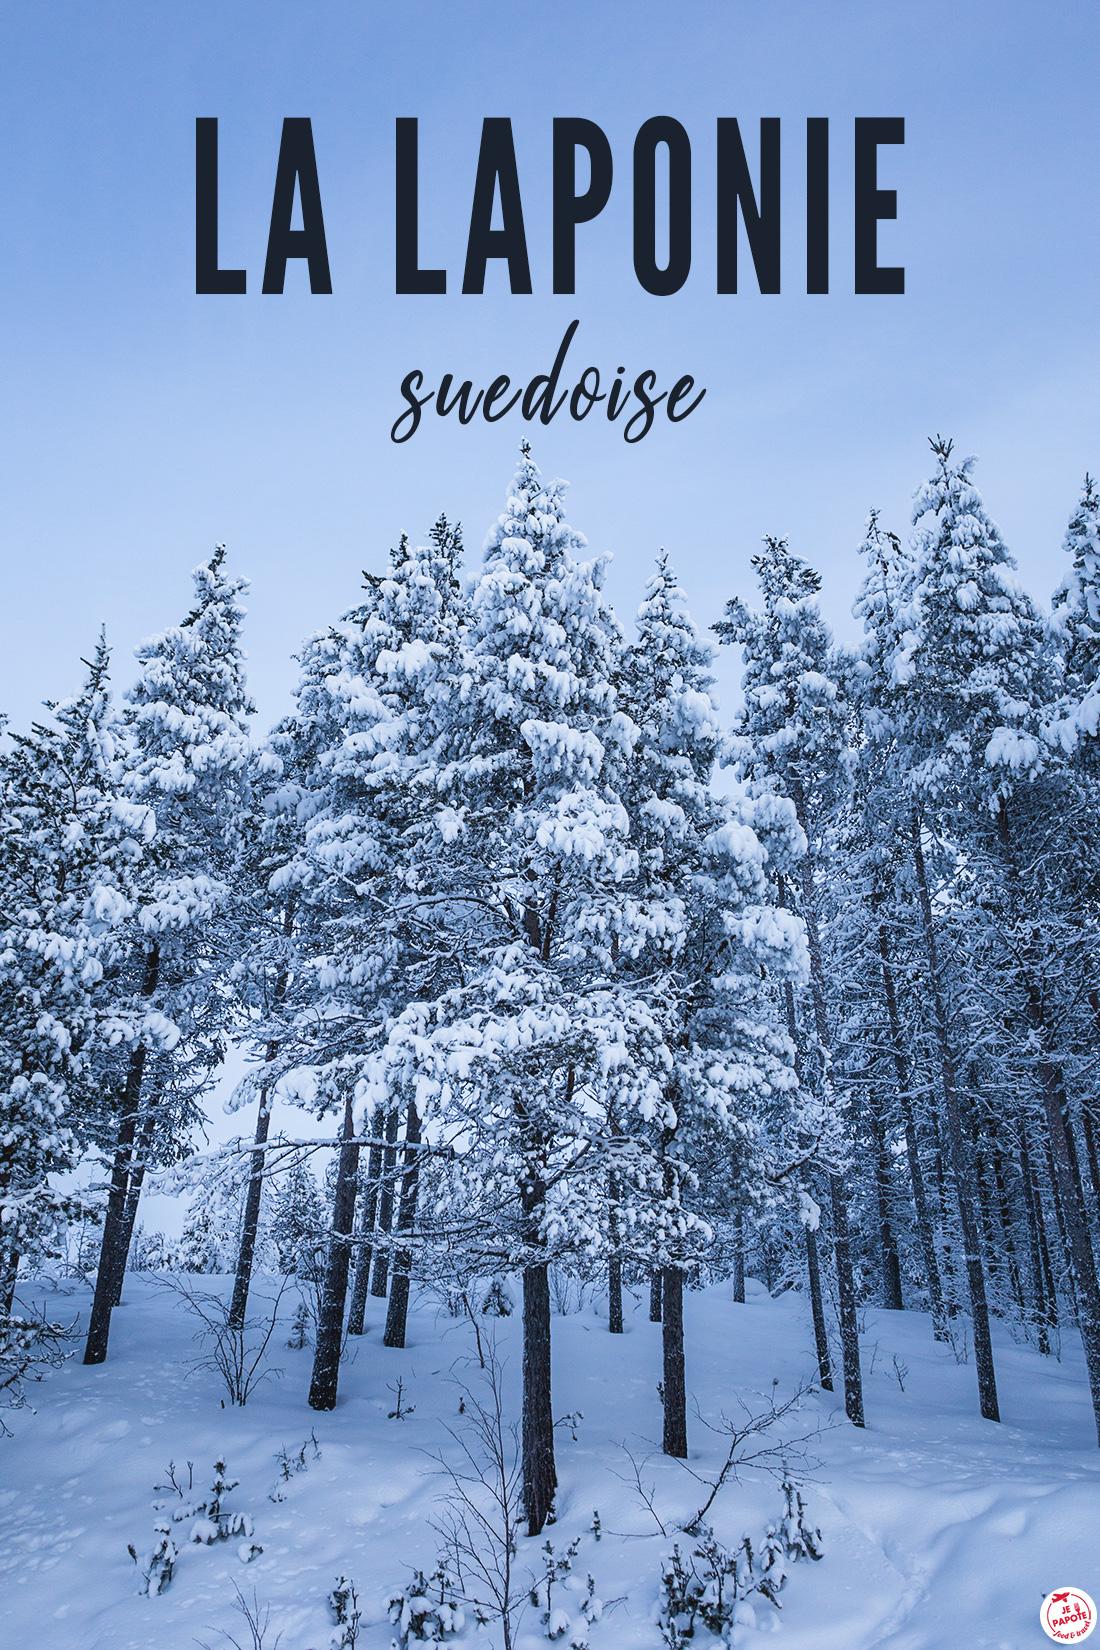 sapins enneigés en Laponie suédoise